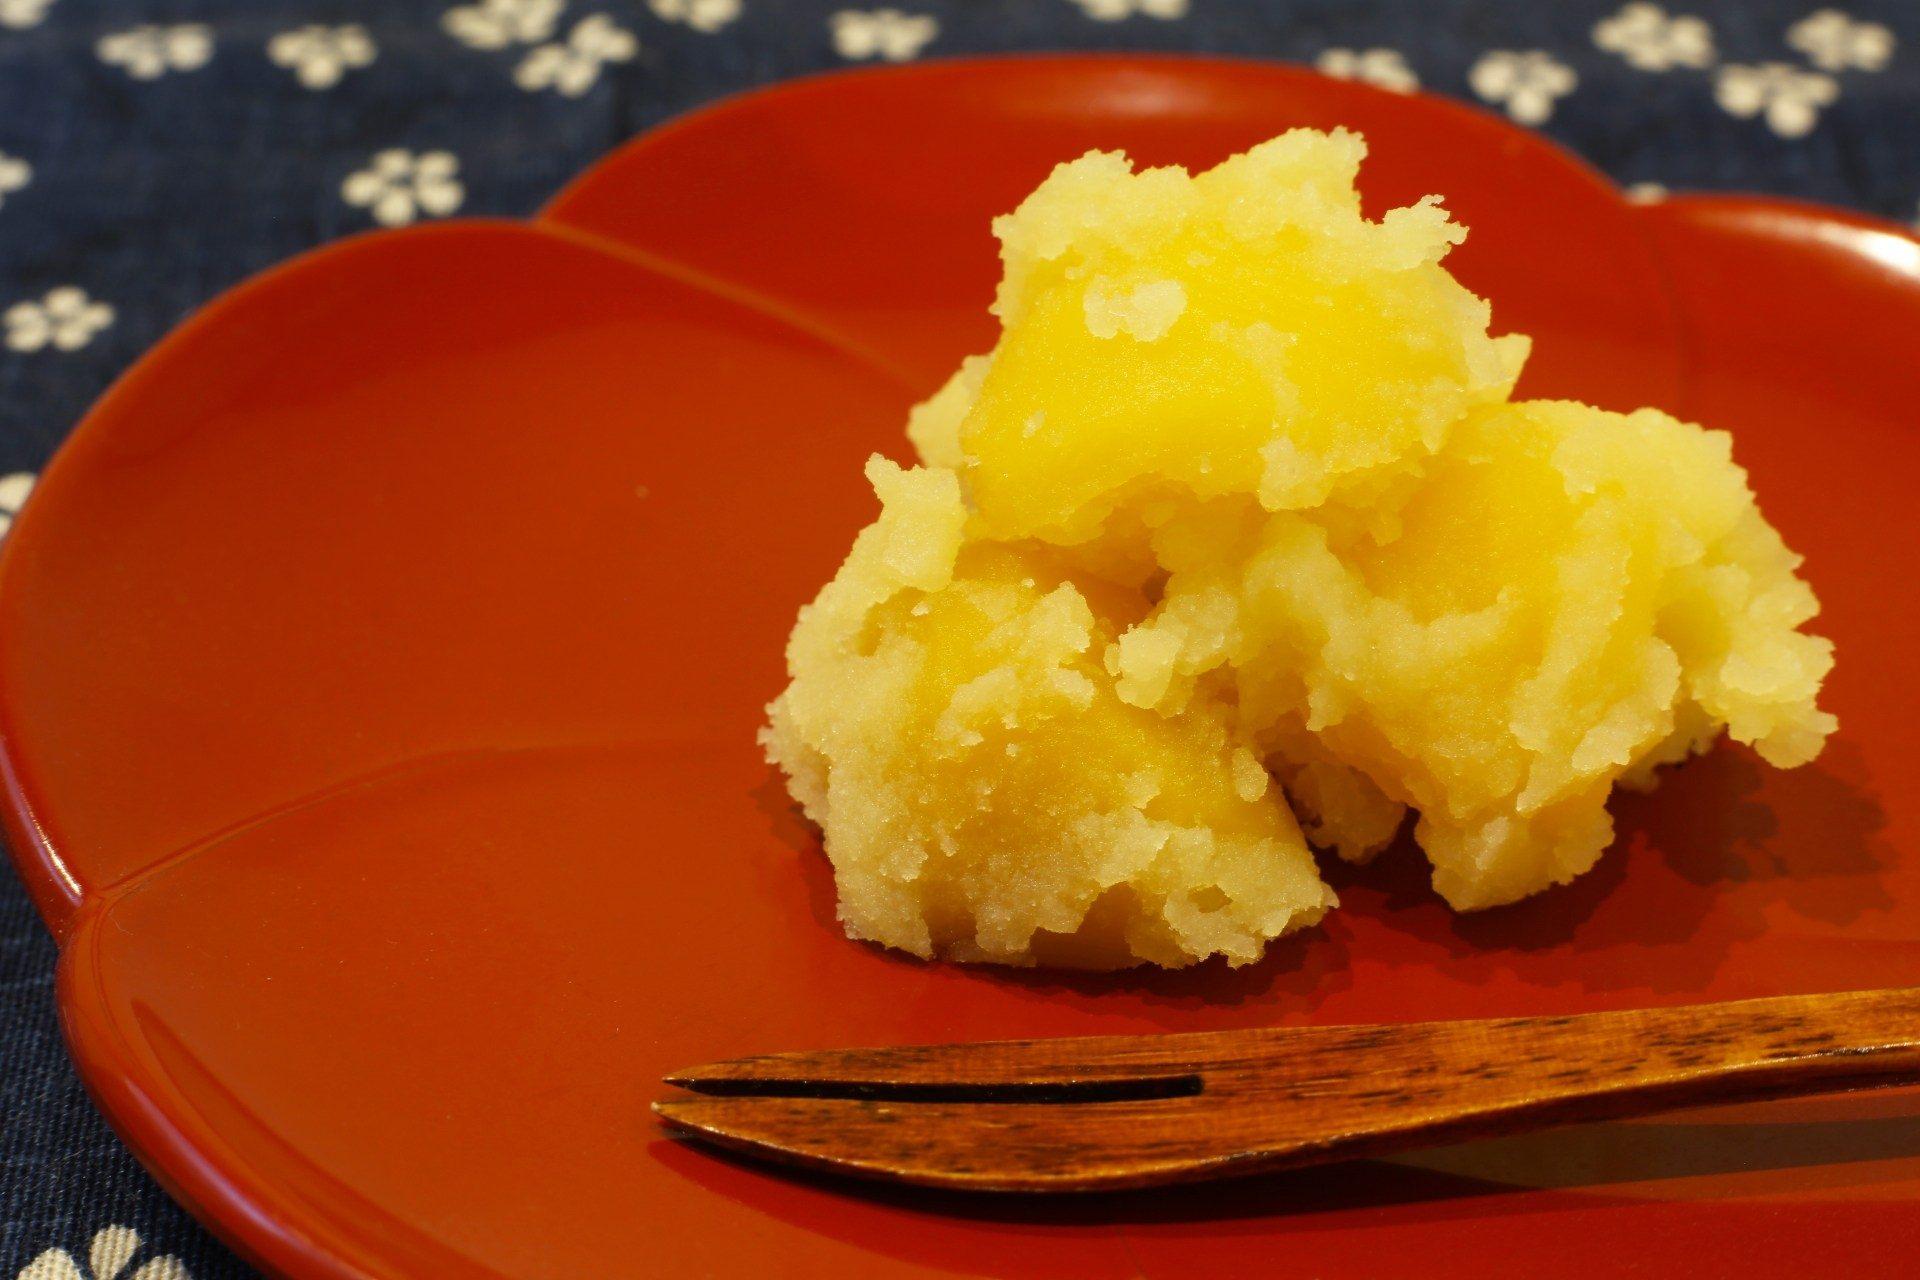 御節料理的代表食材: 栗金団(栗泥)